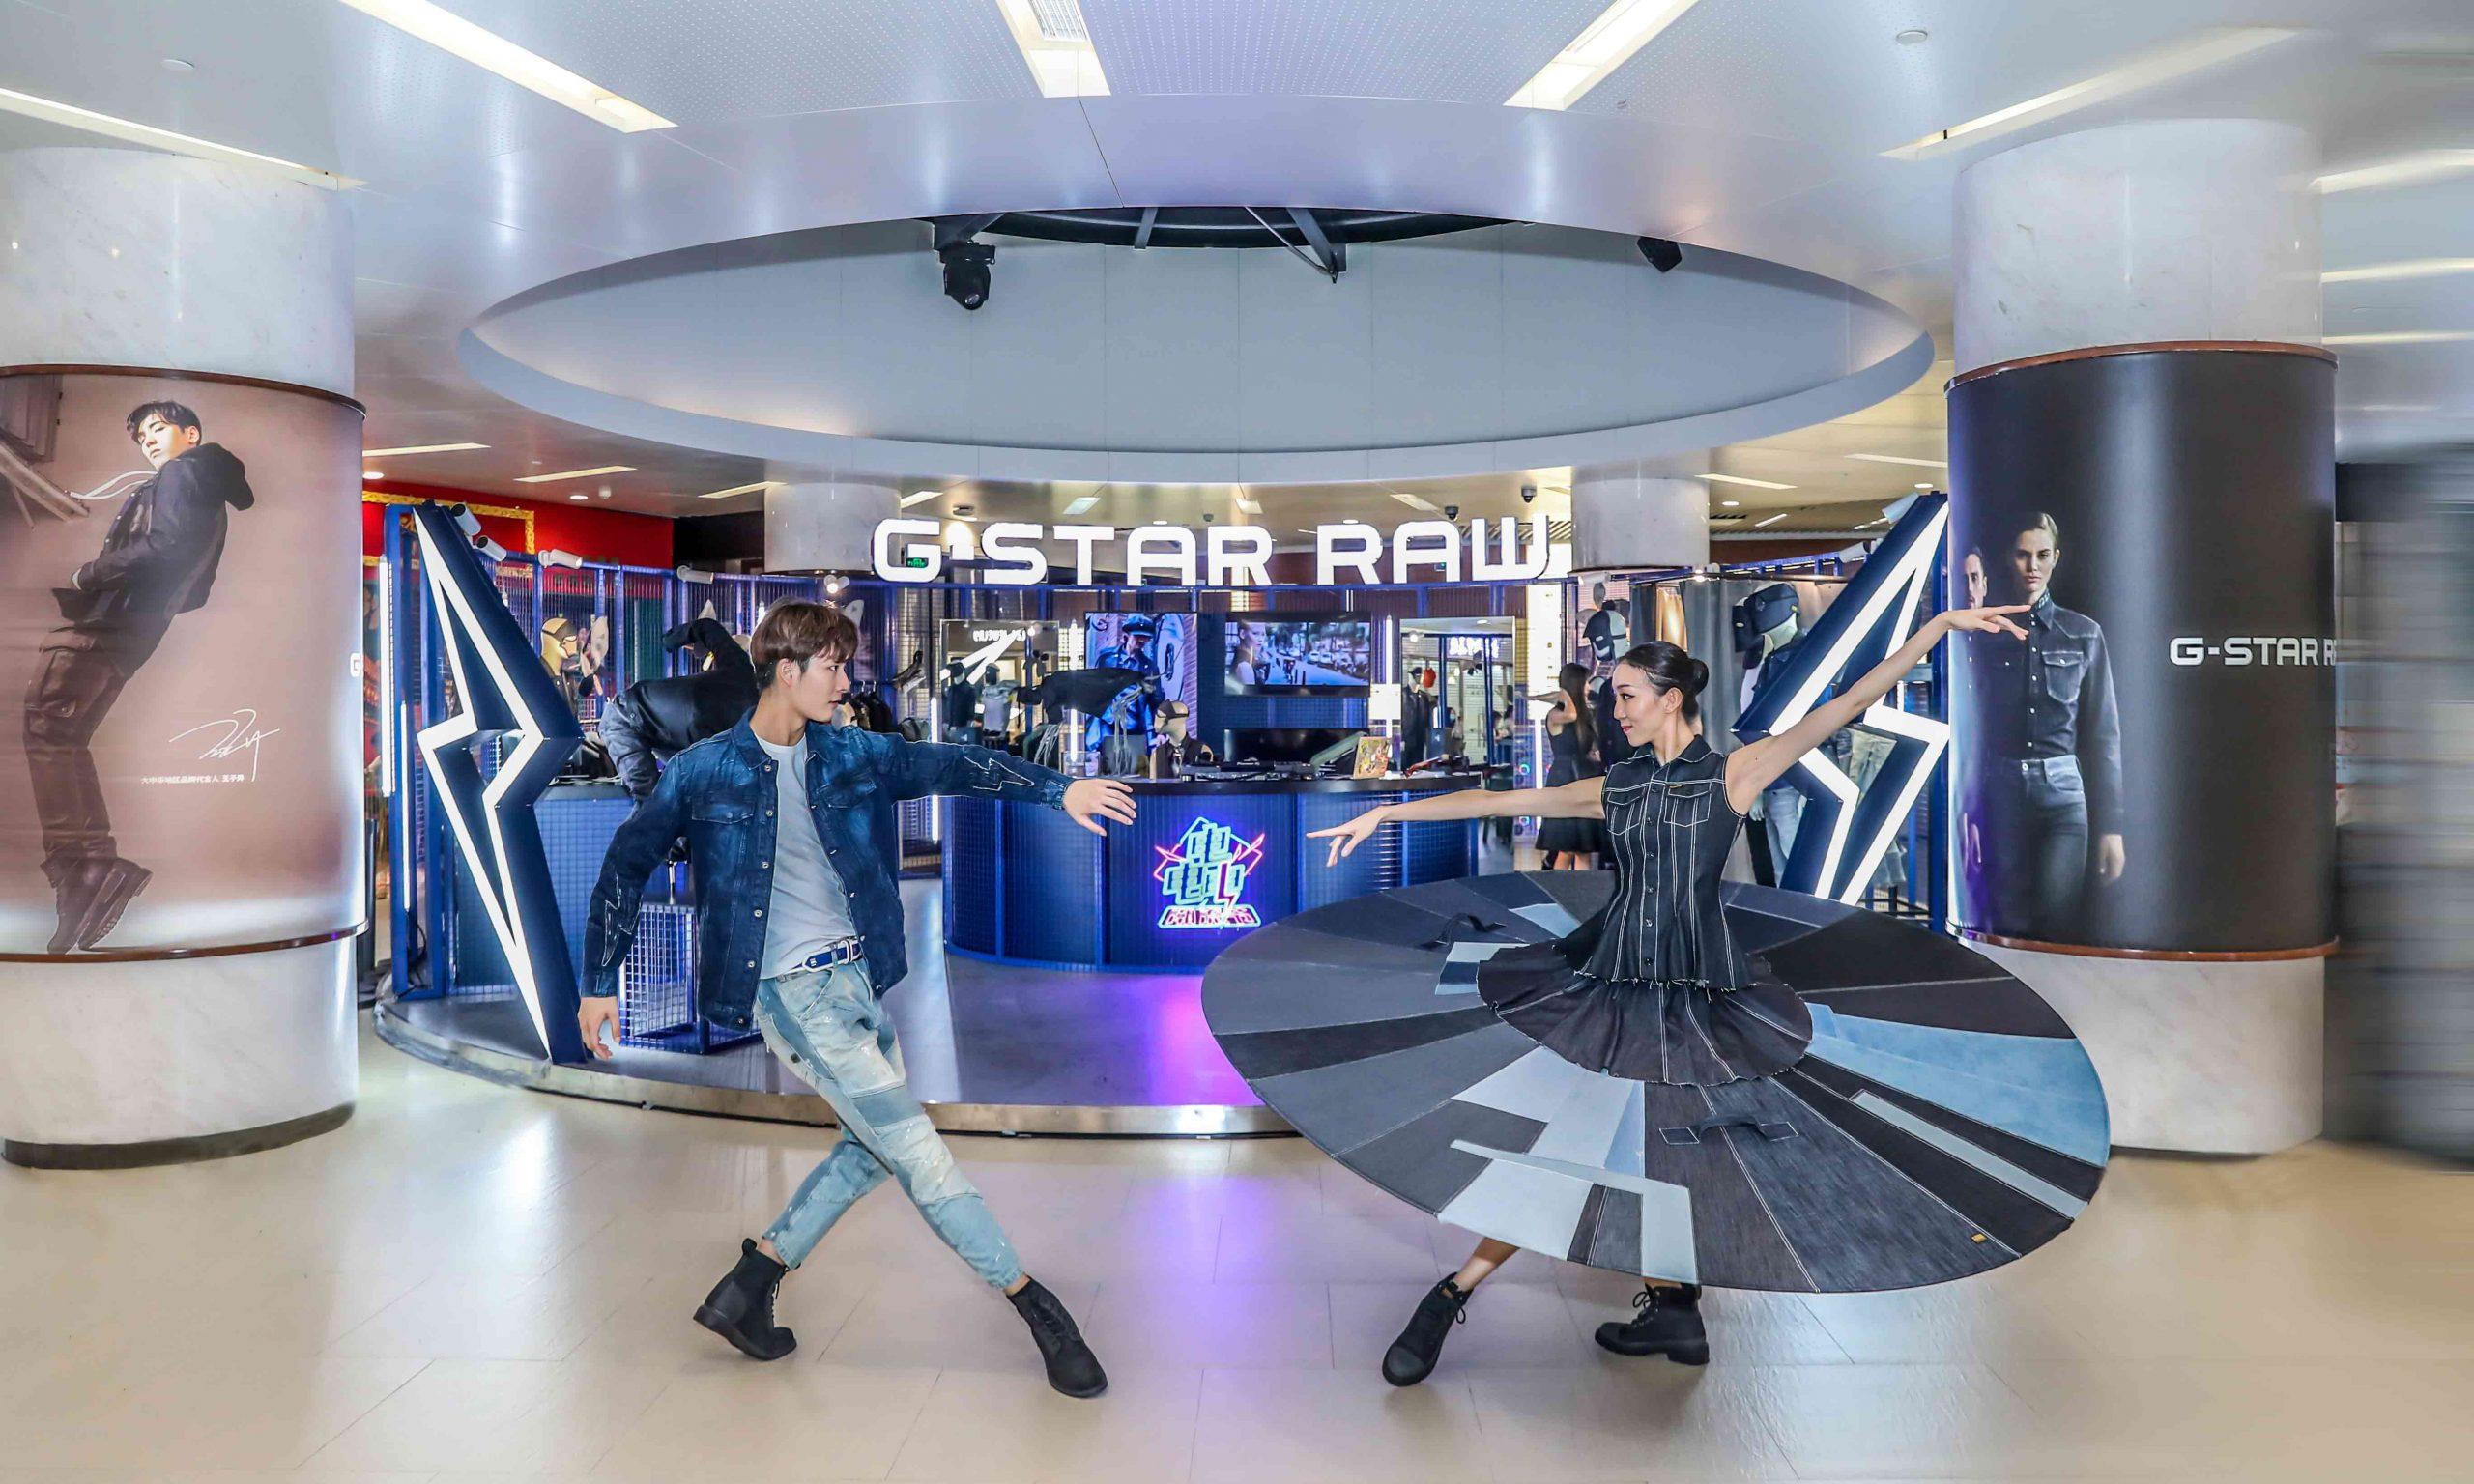 经典丹宁演绎「一米社交」,G-Star RAW 限时快闪店登陆大宁音乐广场